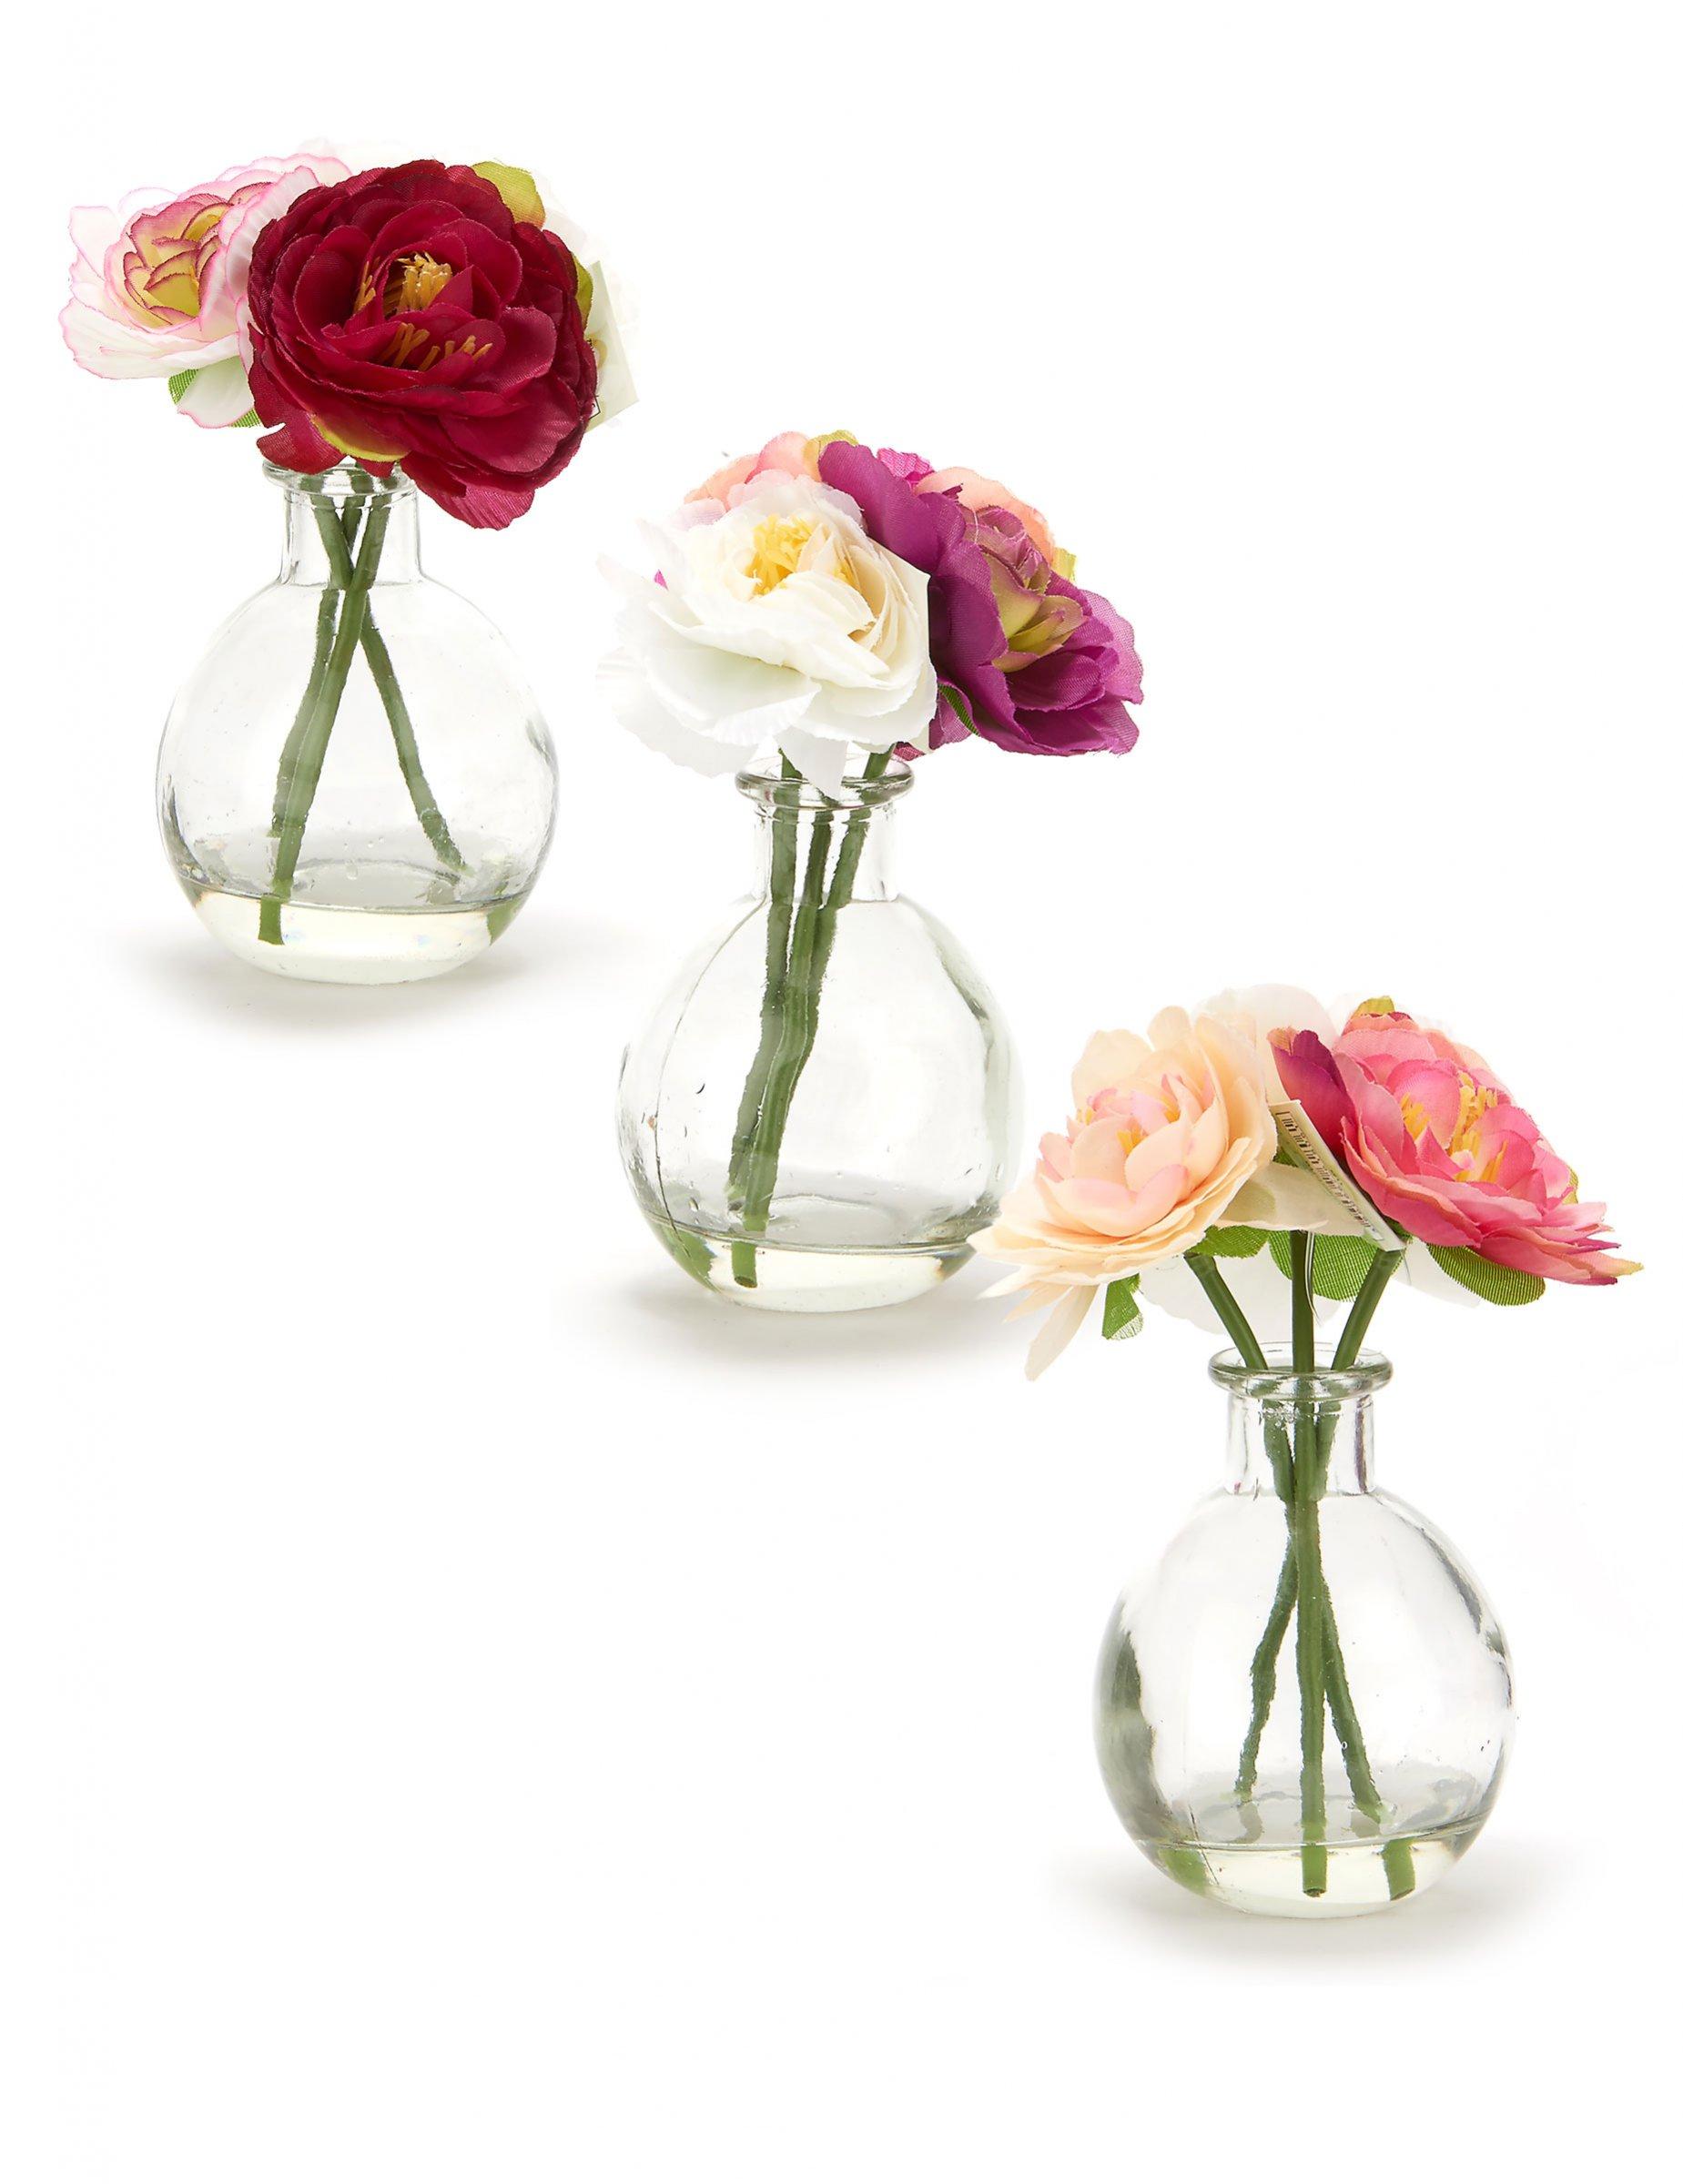 Favorito Vasetto di vetro con fiori artificiali su VegaooParty, negozio di  DY25